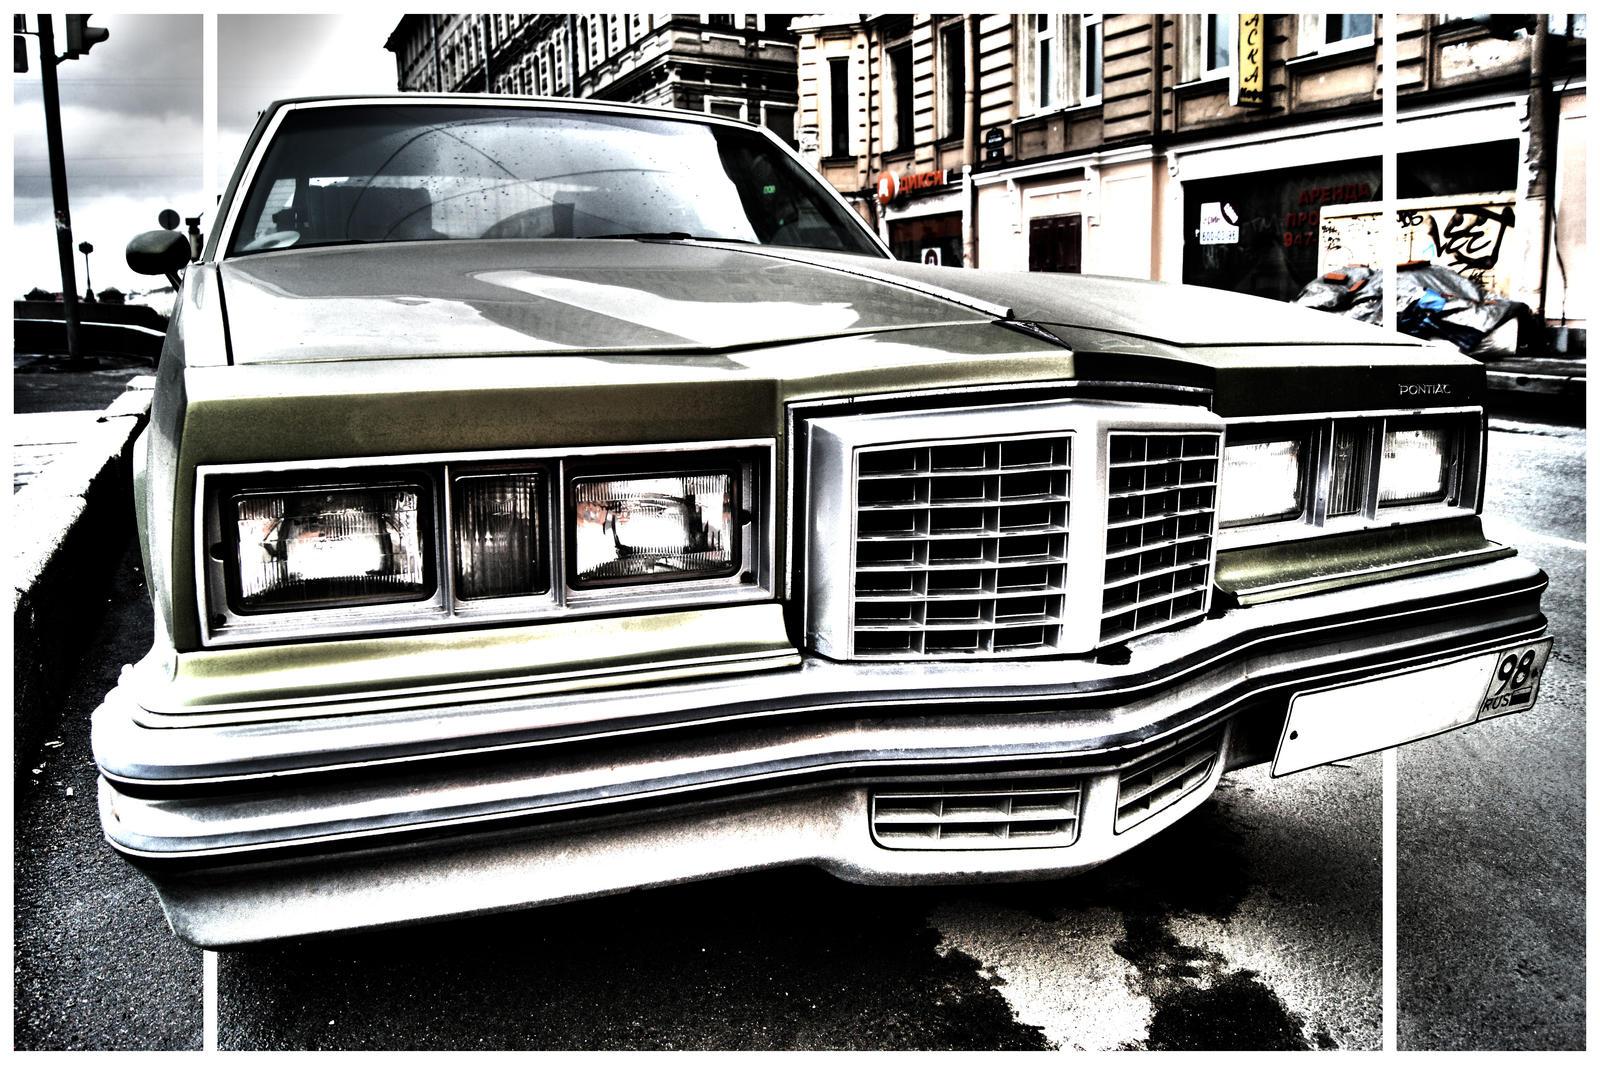 pontiac grand prix 1980 by dubrik on deviantart deviantart